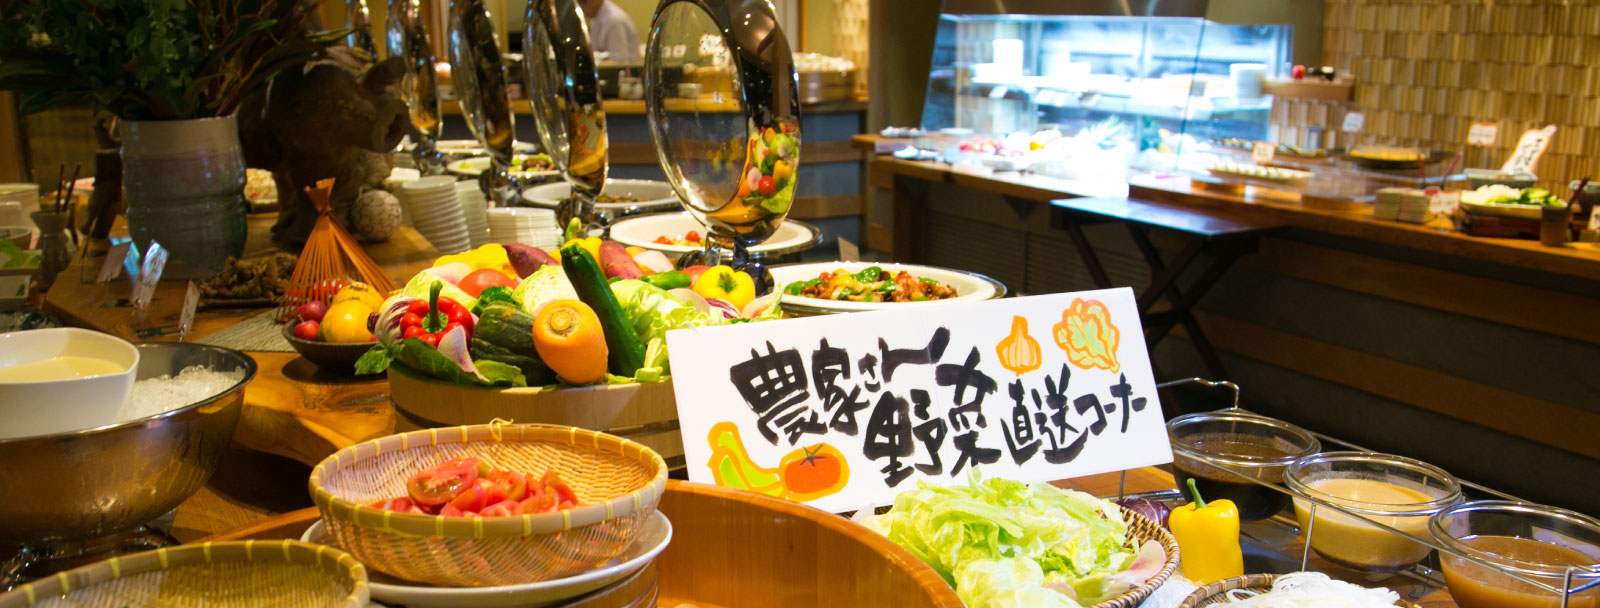 会津の風土が育んだふるさとの美味